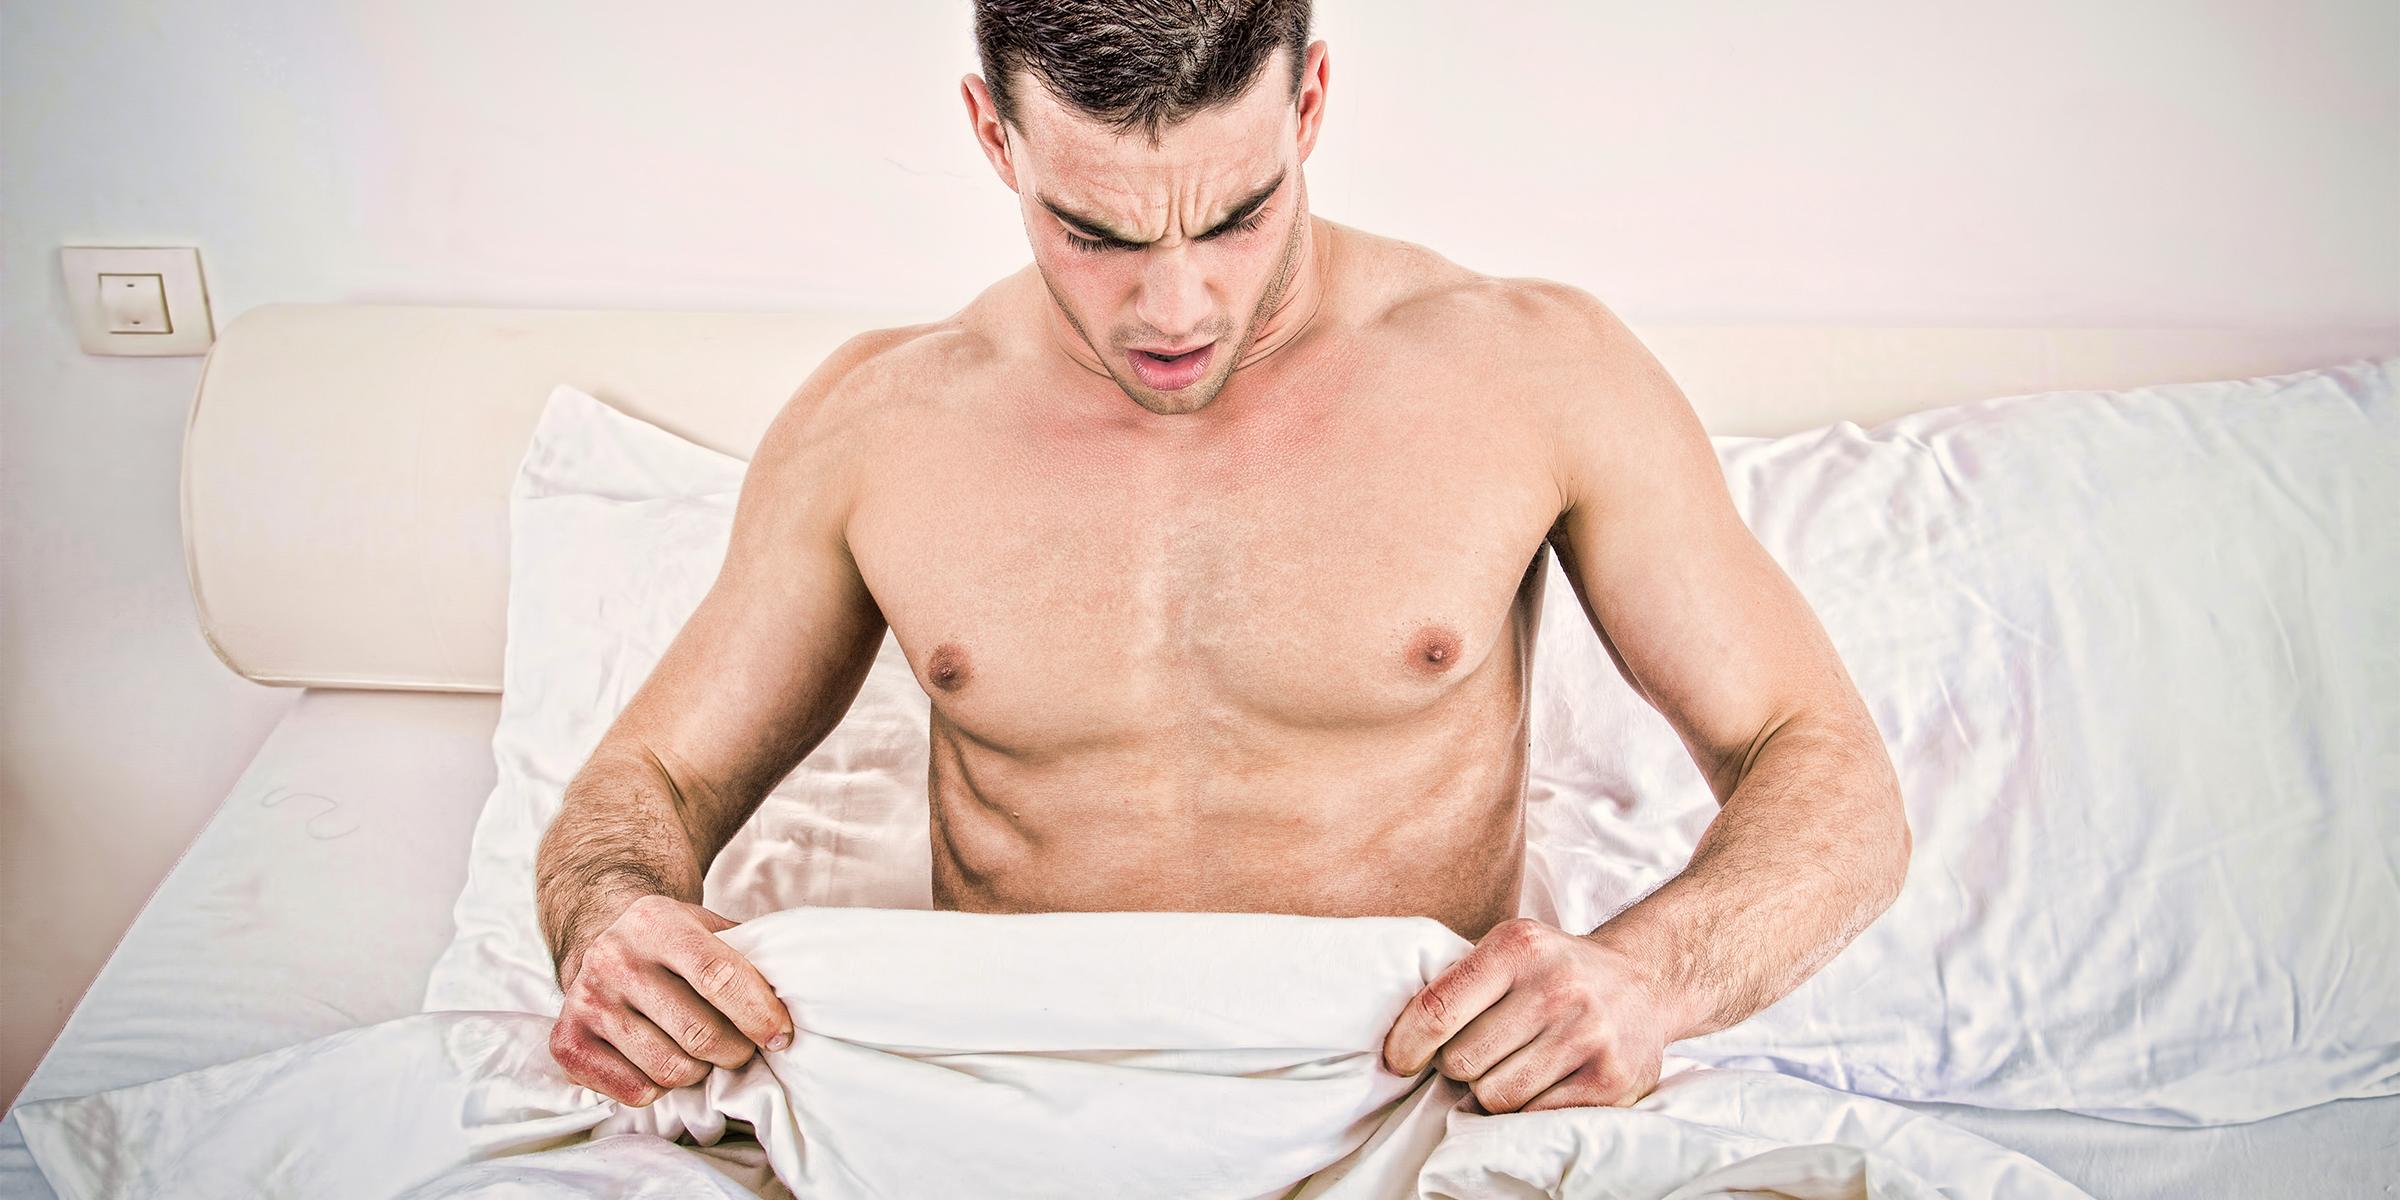 hogyan lehet erekciót kapni közösülés előtt a tartós erekció lehet vagy nem